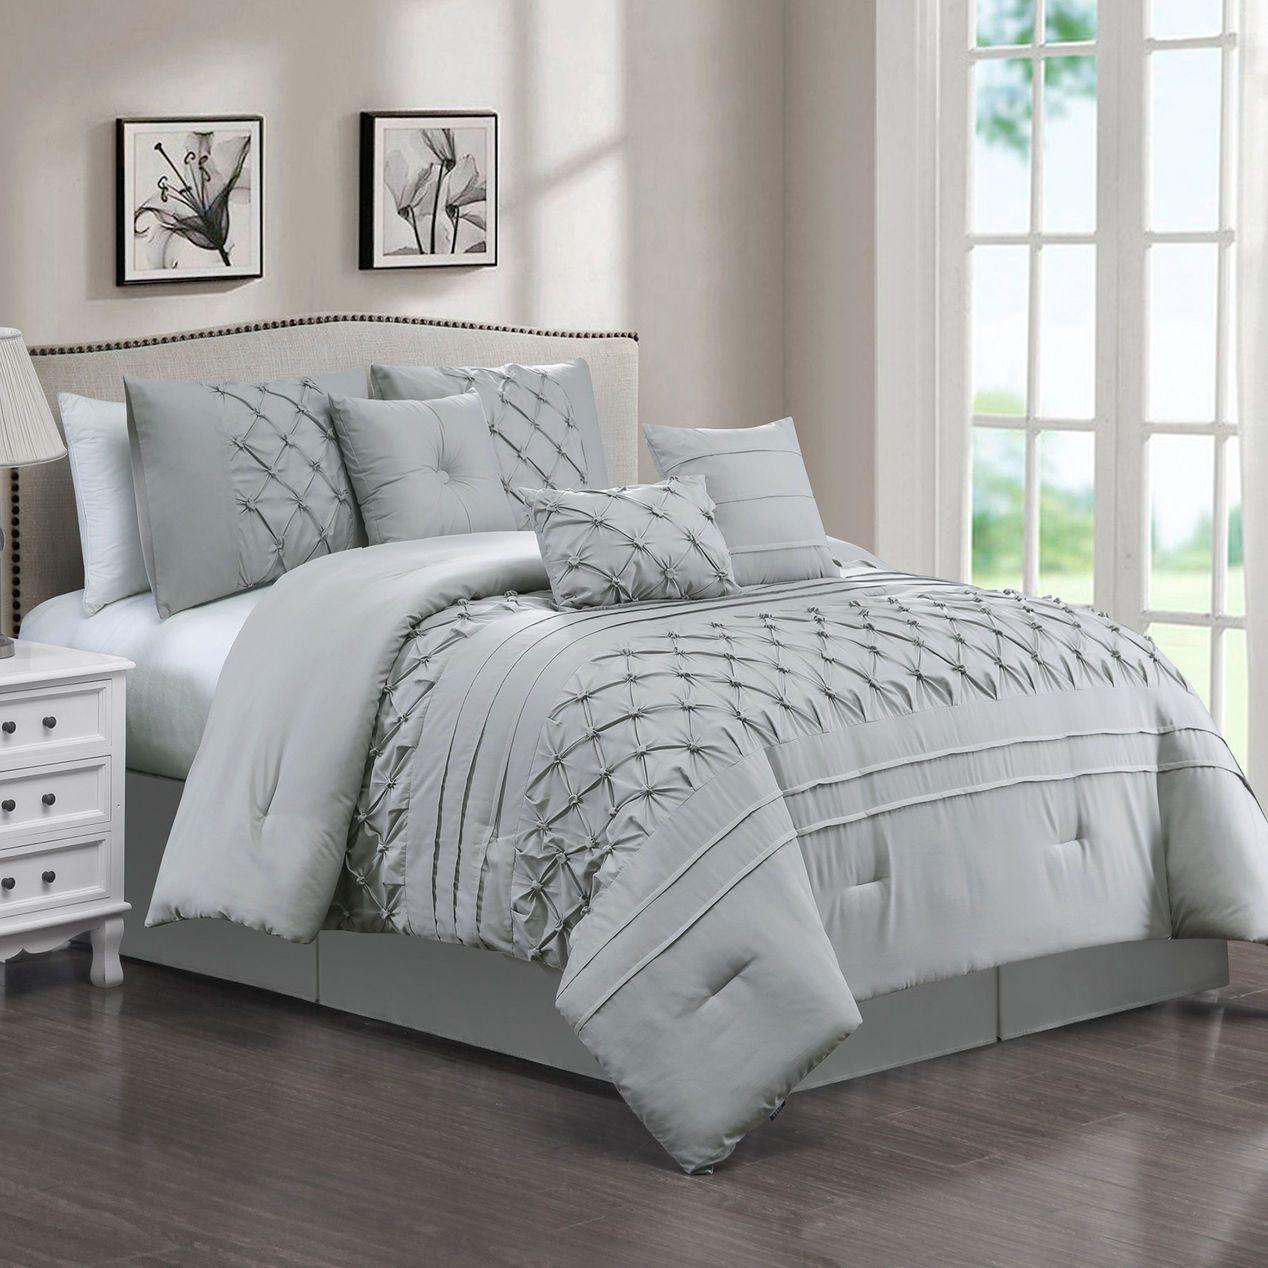 Pintuck Microfiber Light Grey Queen Comforter Set Comforter Sets Queen Comforter Sets King Comforter Sets